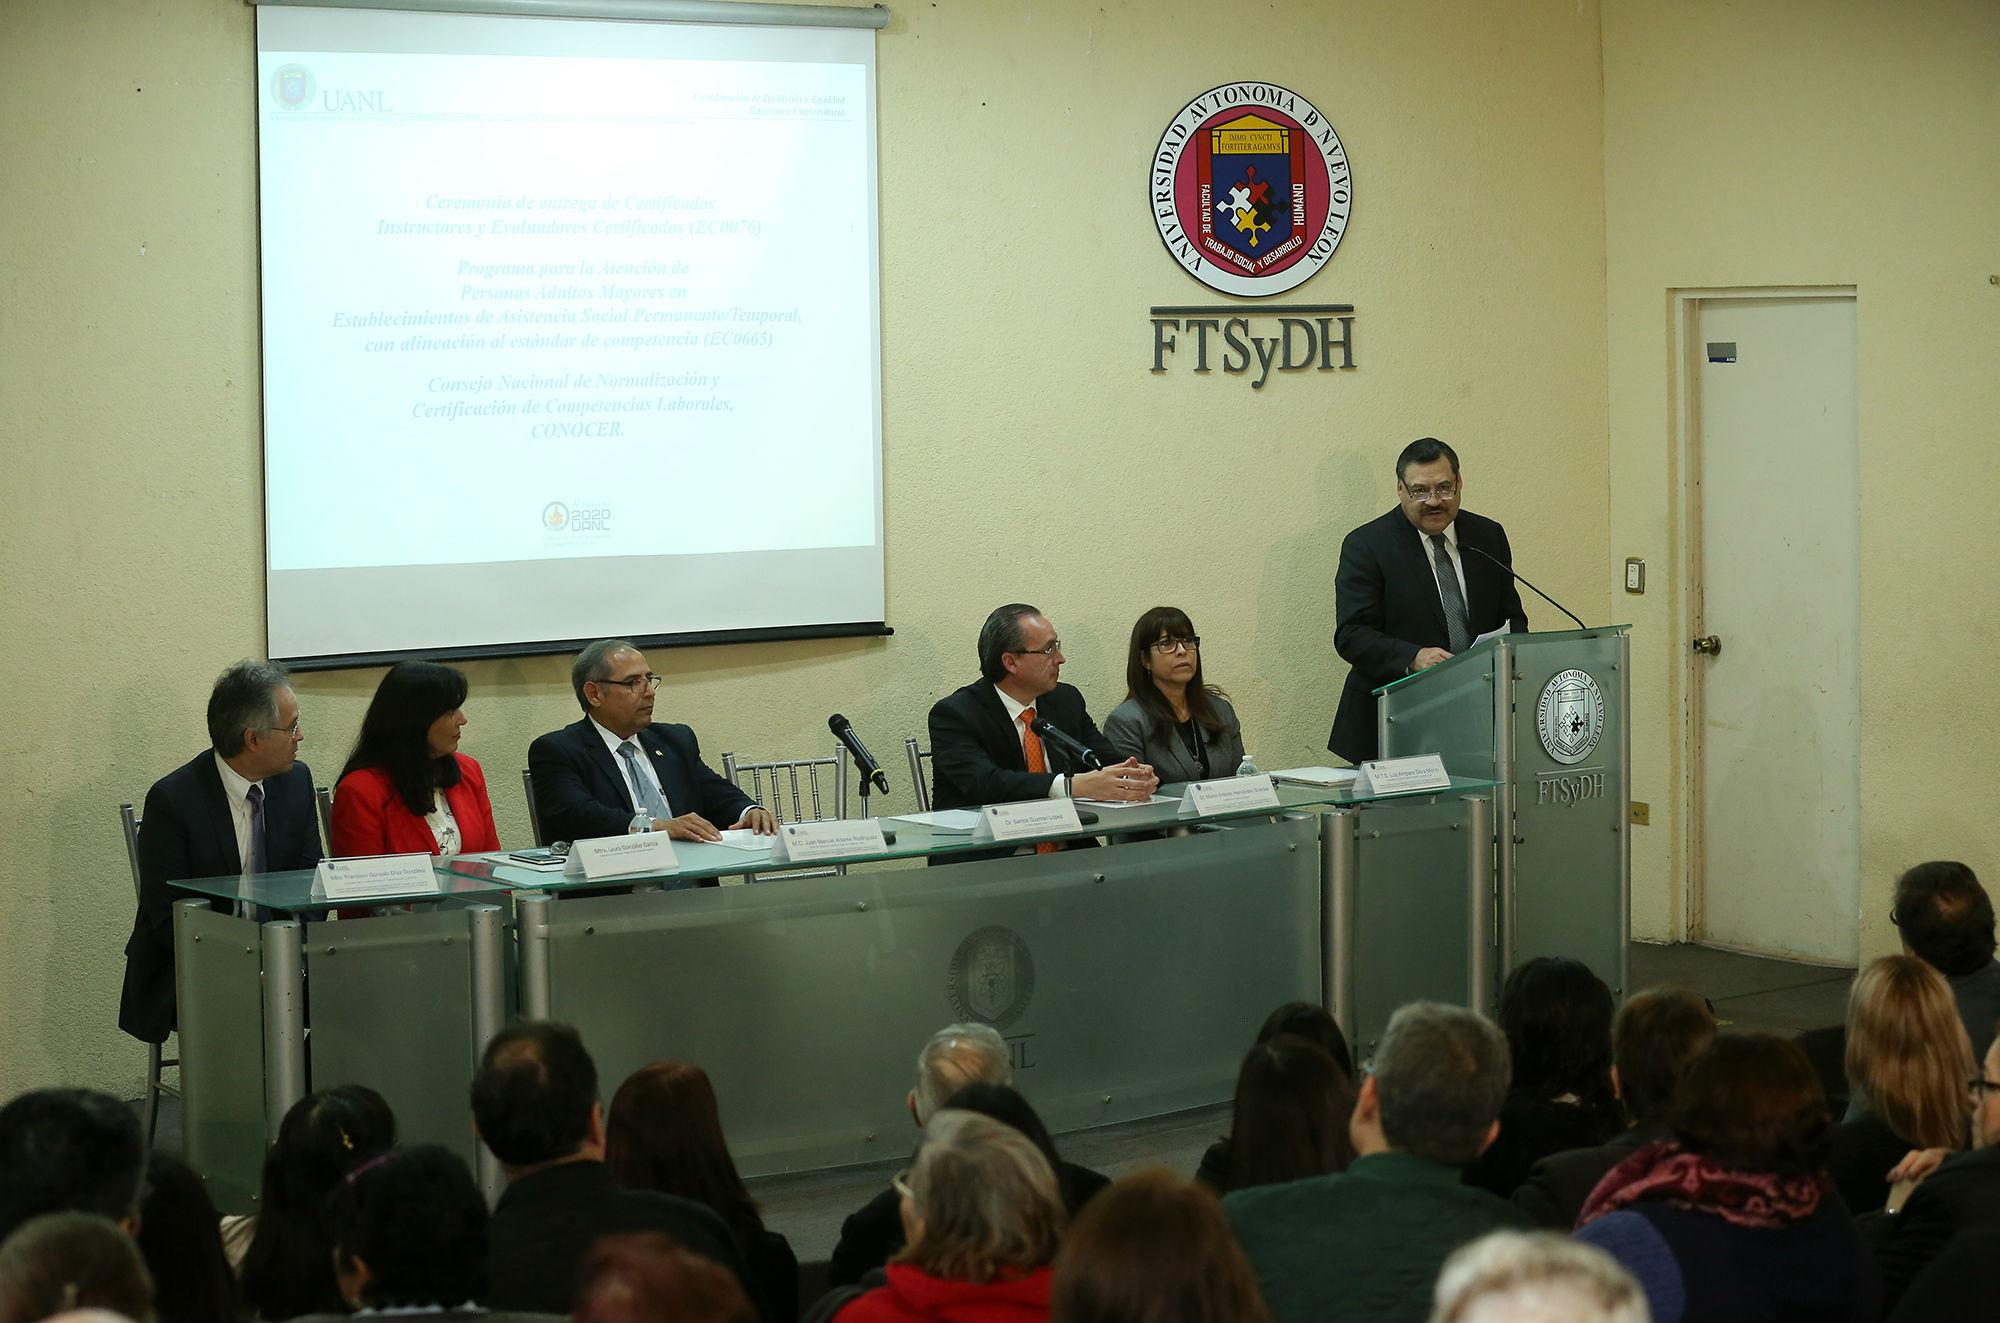 El secretario académico Santos Guzmán presidio el evento